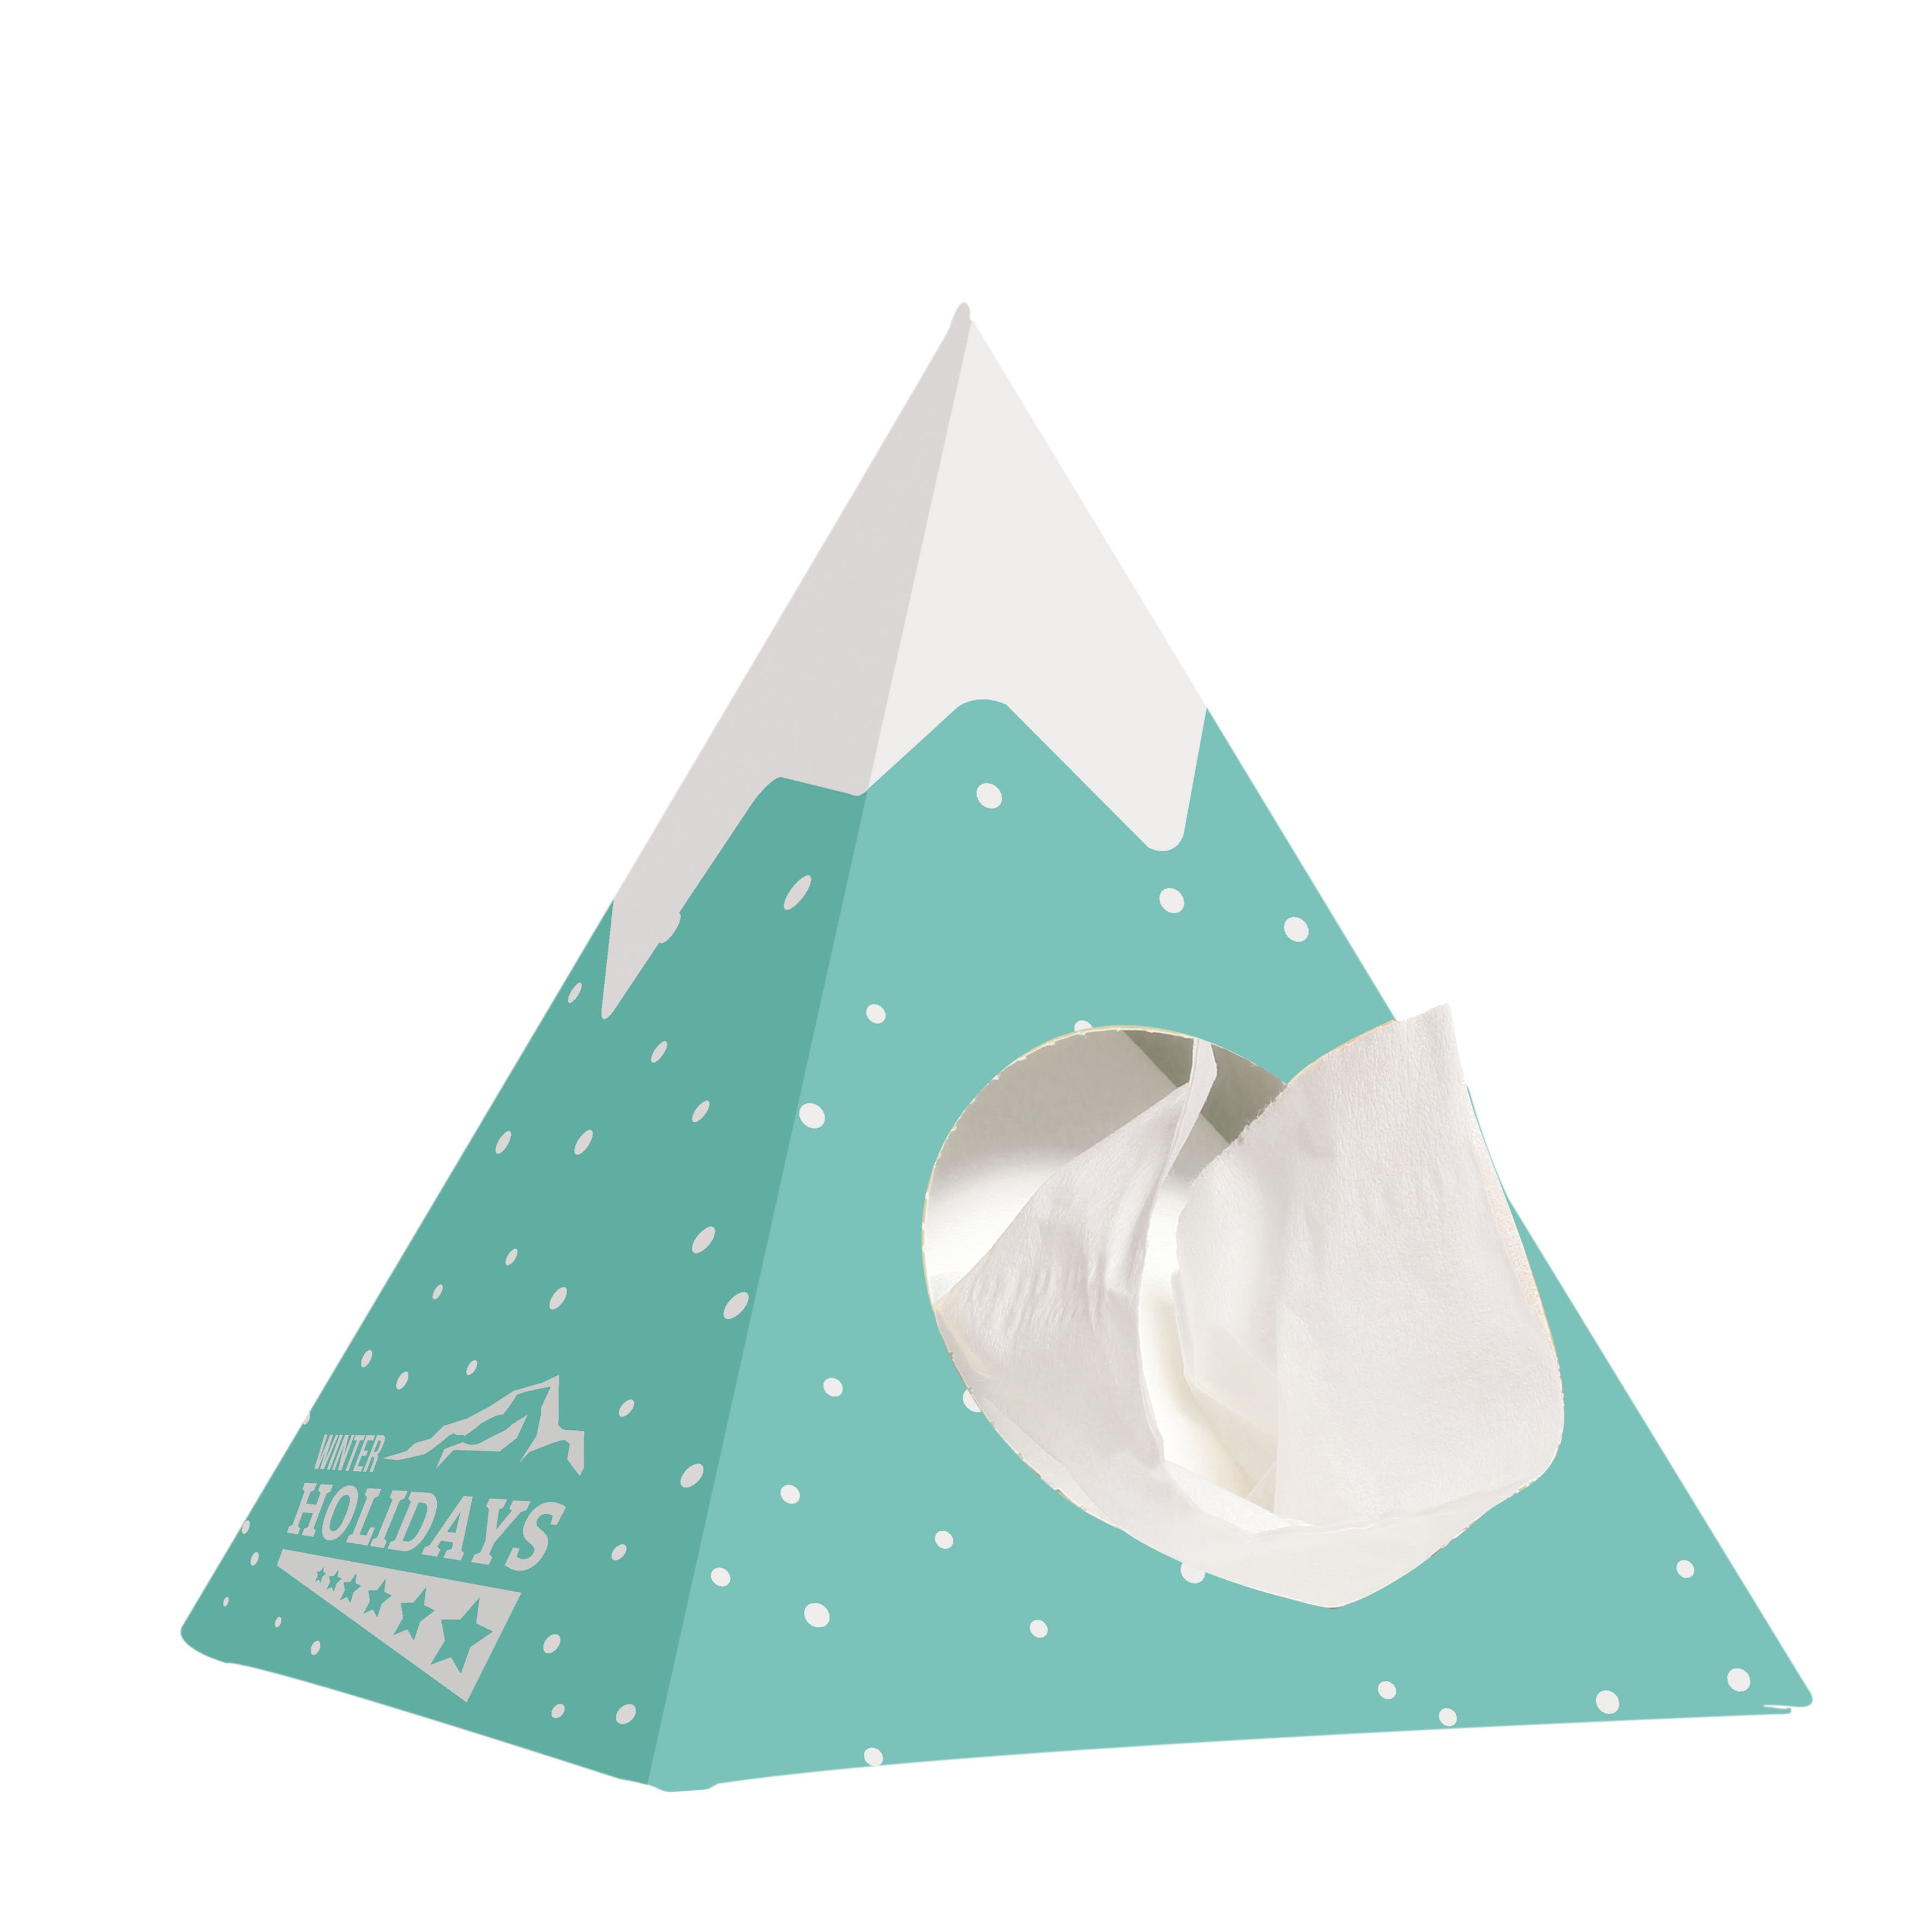 Care & More pyramid tissue box